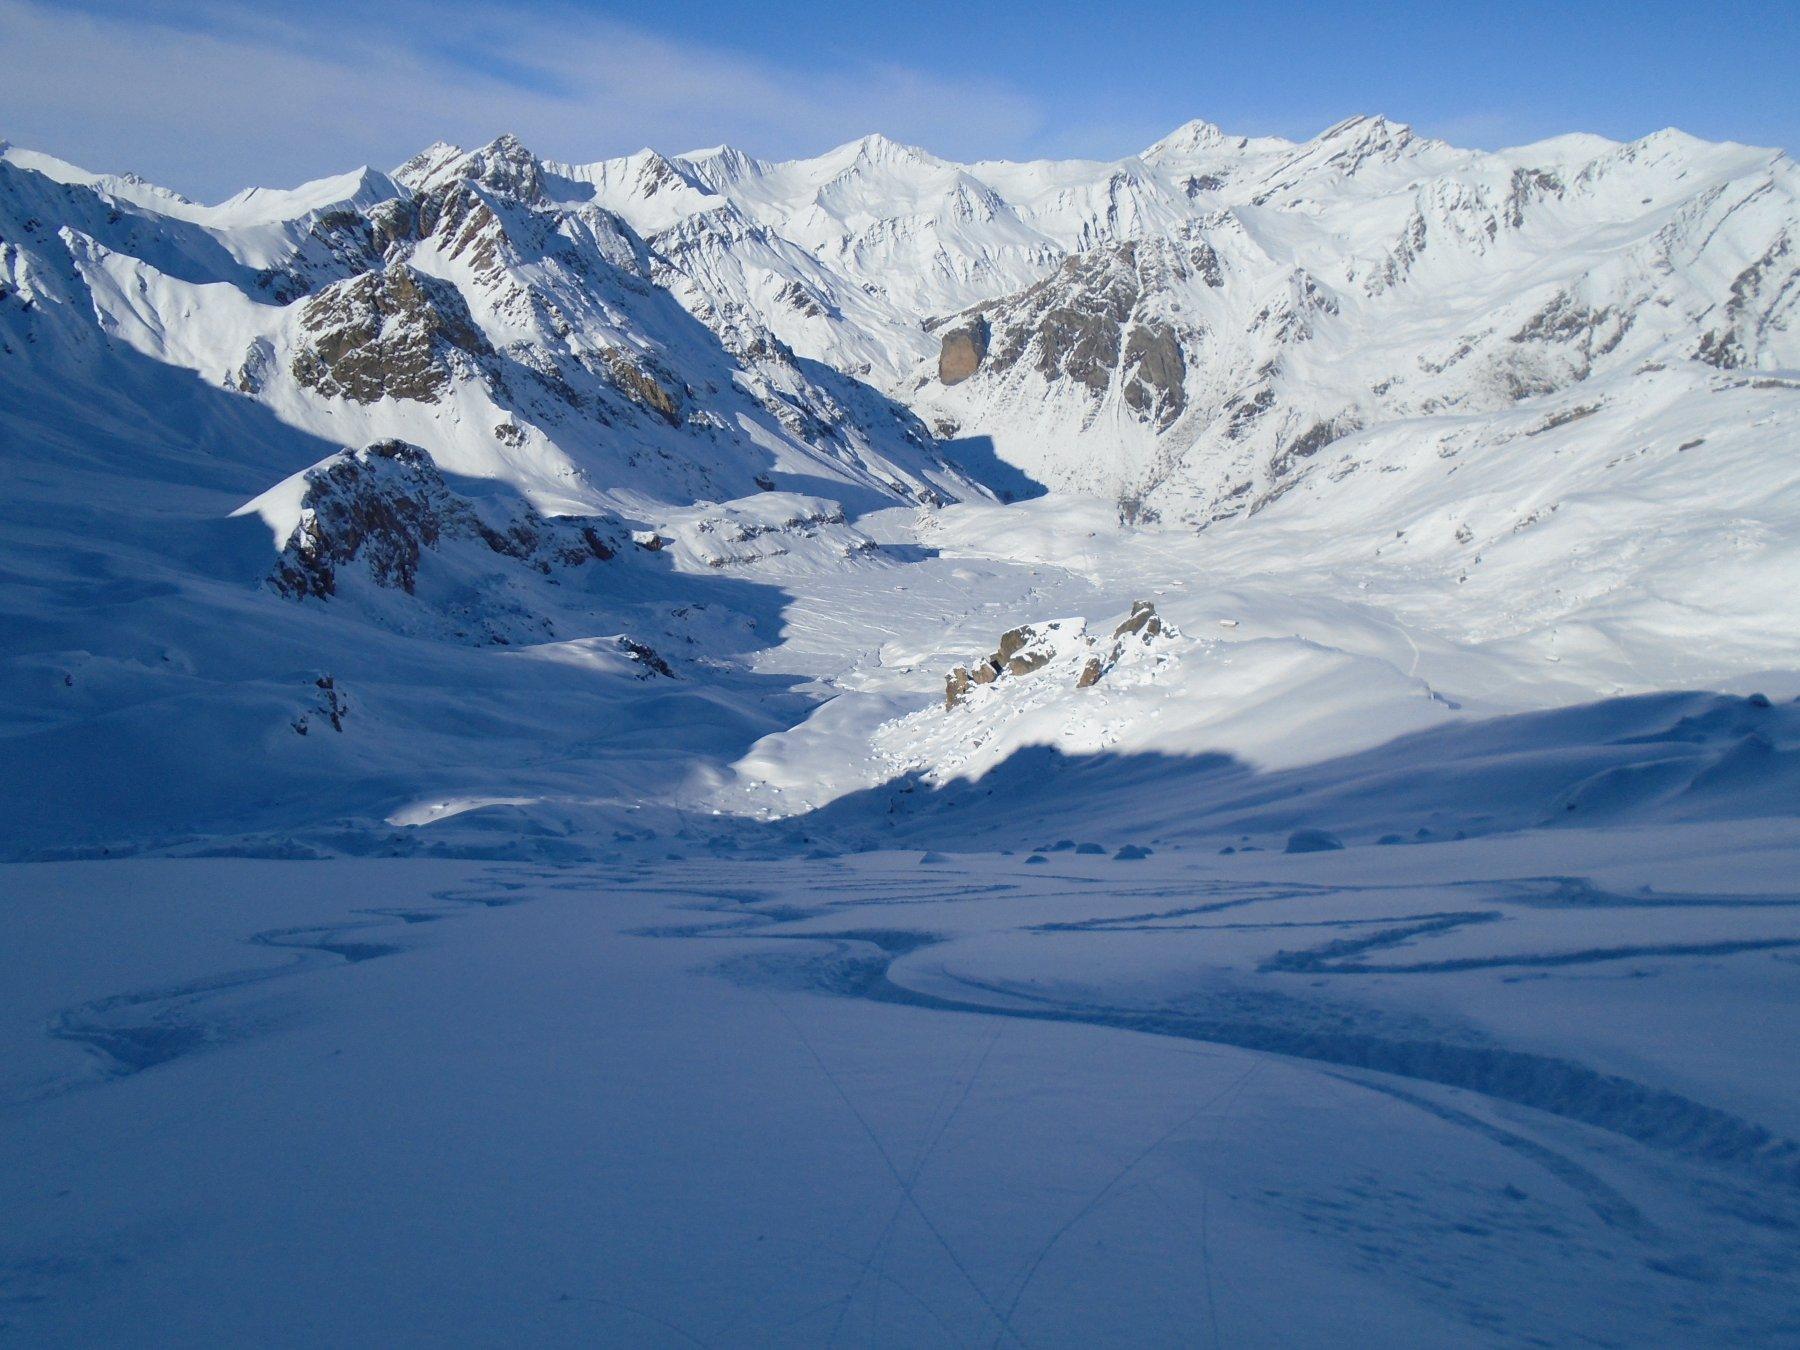 Neve spettacolare in alto